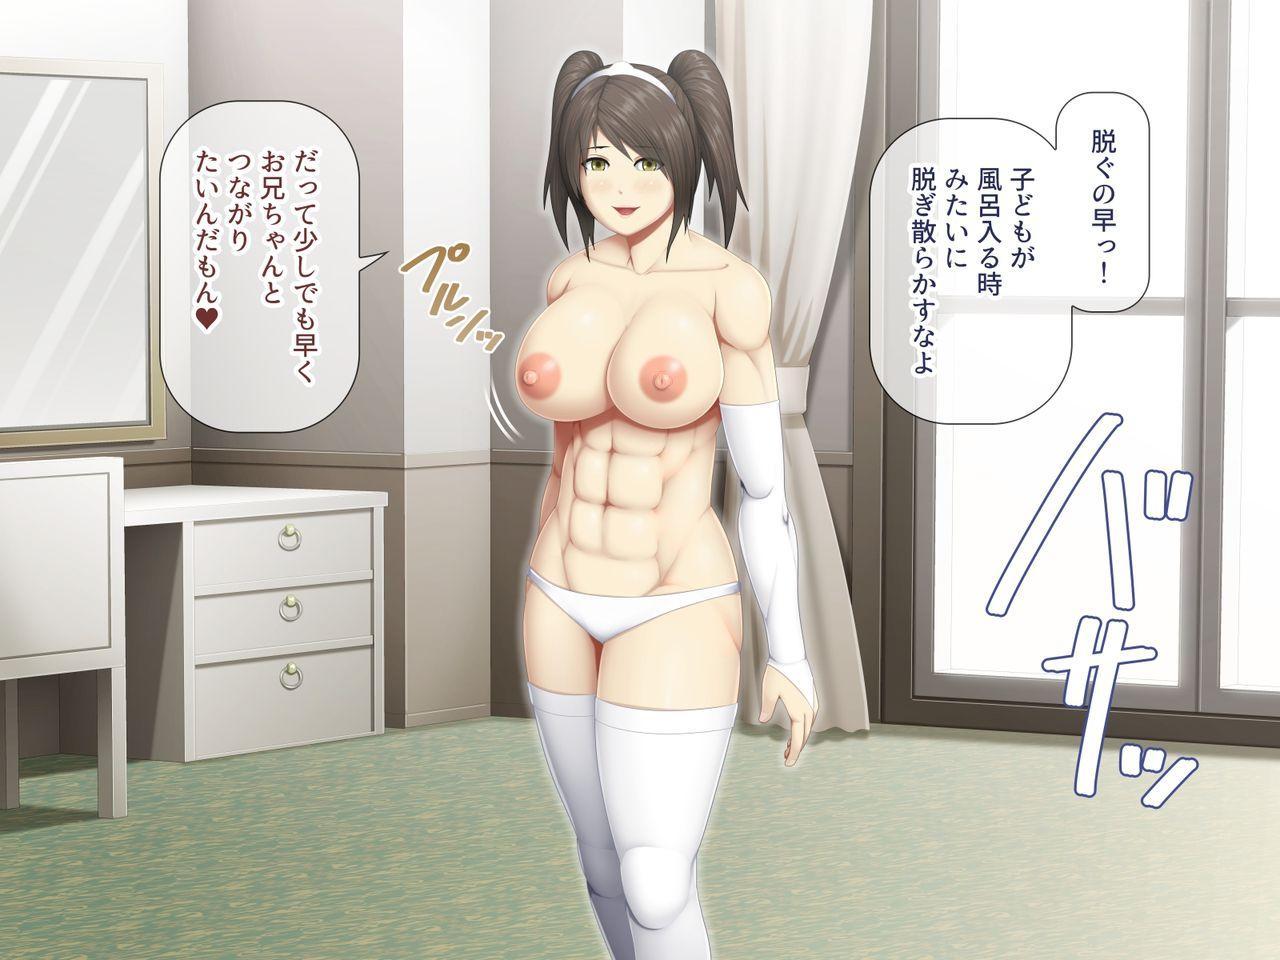 Uchiki na Jyumai ga Ore no Tame ni Karada o Kitaeta Kekka 108